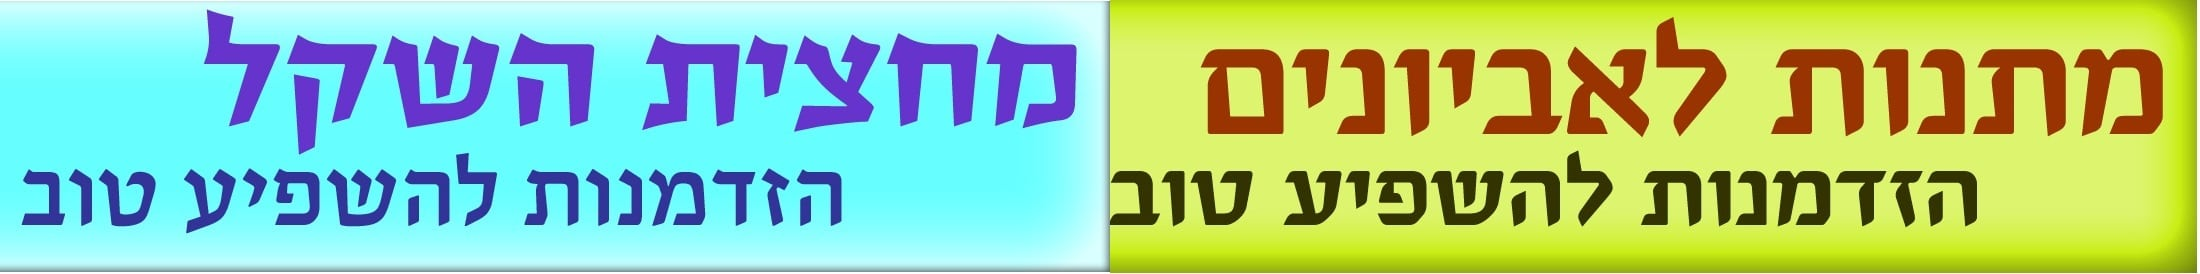 mahatzit-shekel1